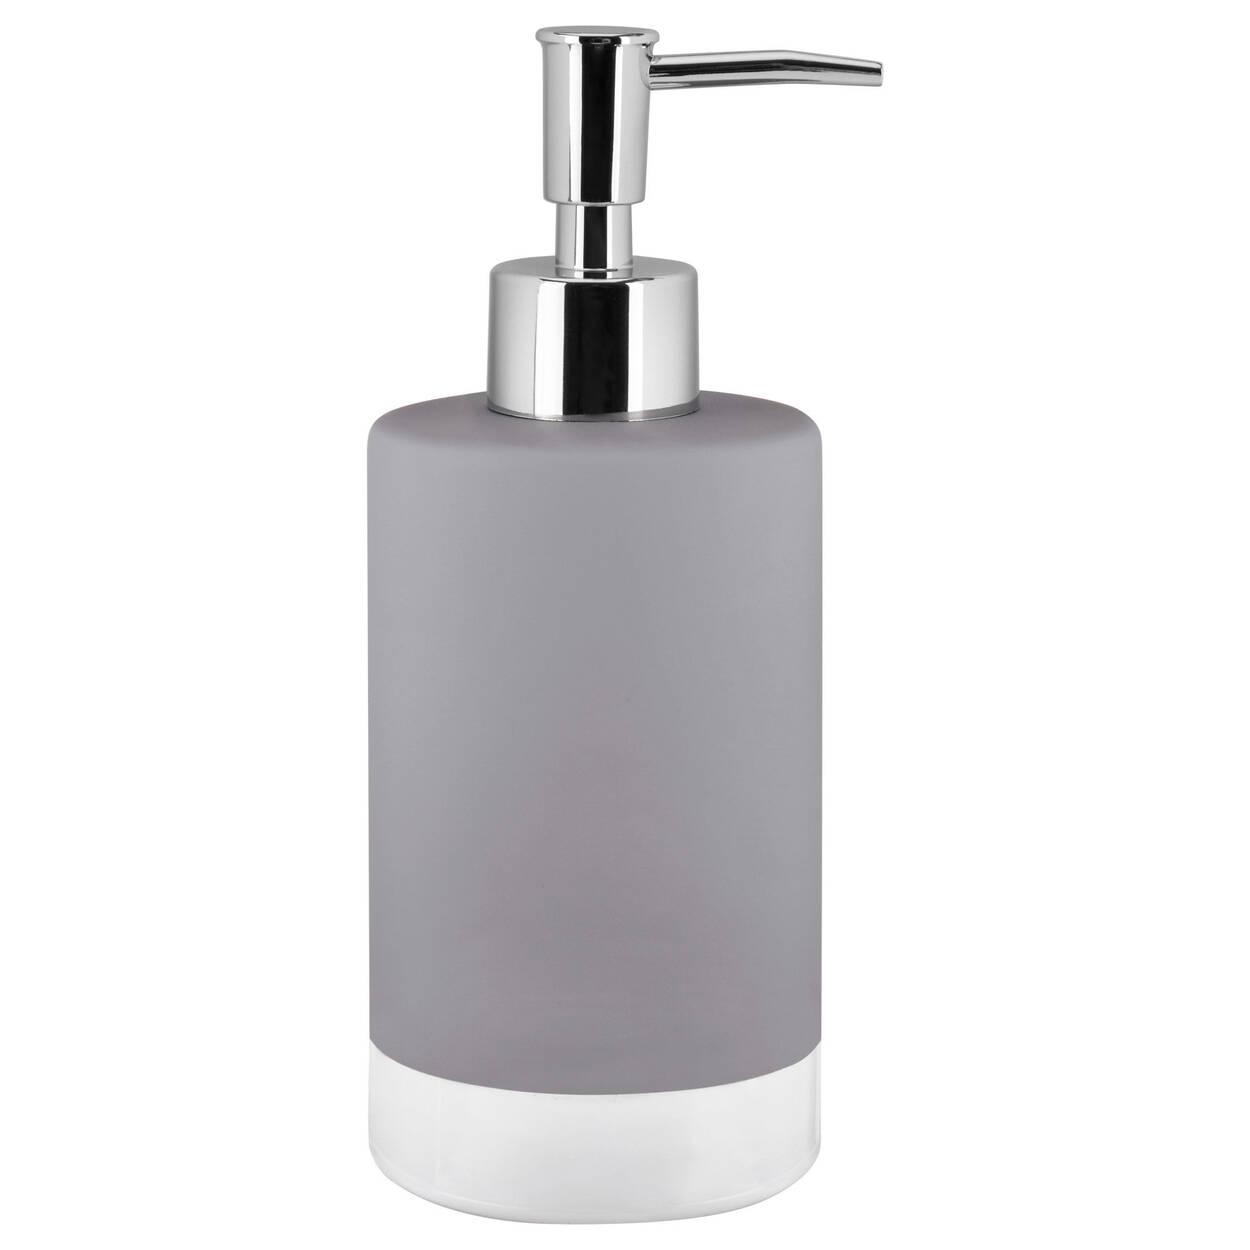 Distributeur de savon avec fini en caoutchouc for Accessoires de salle de bain bouclair